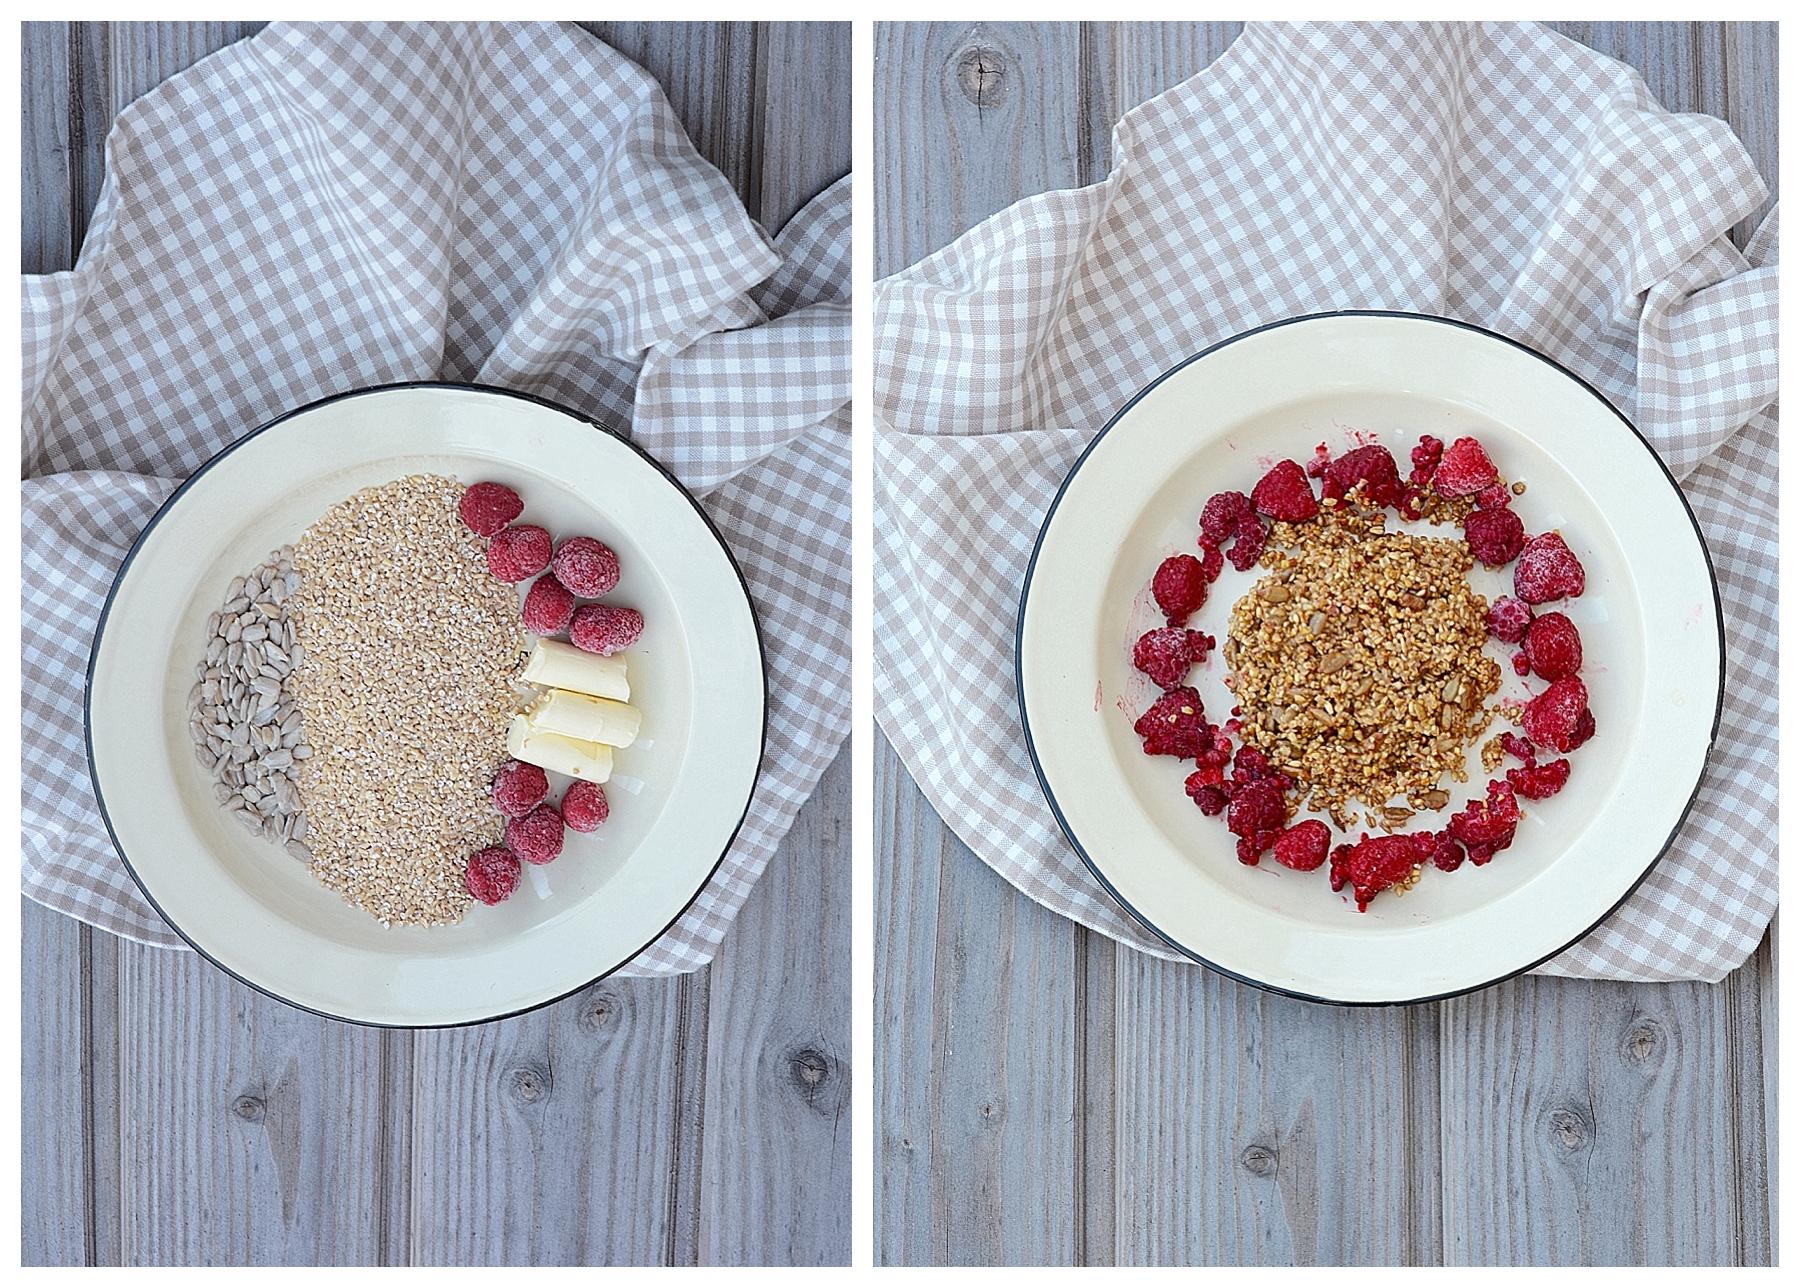 Echt lecker: warmes Frühstück